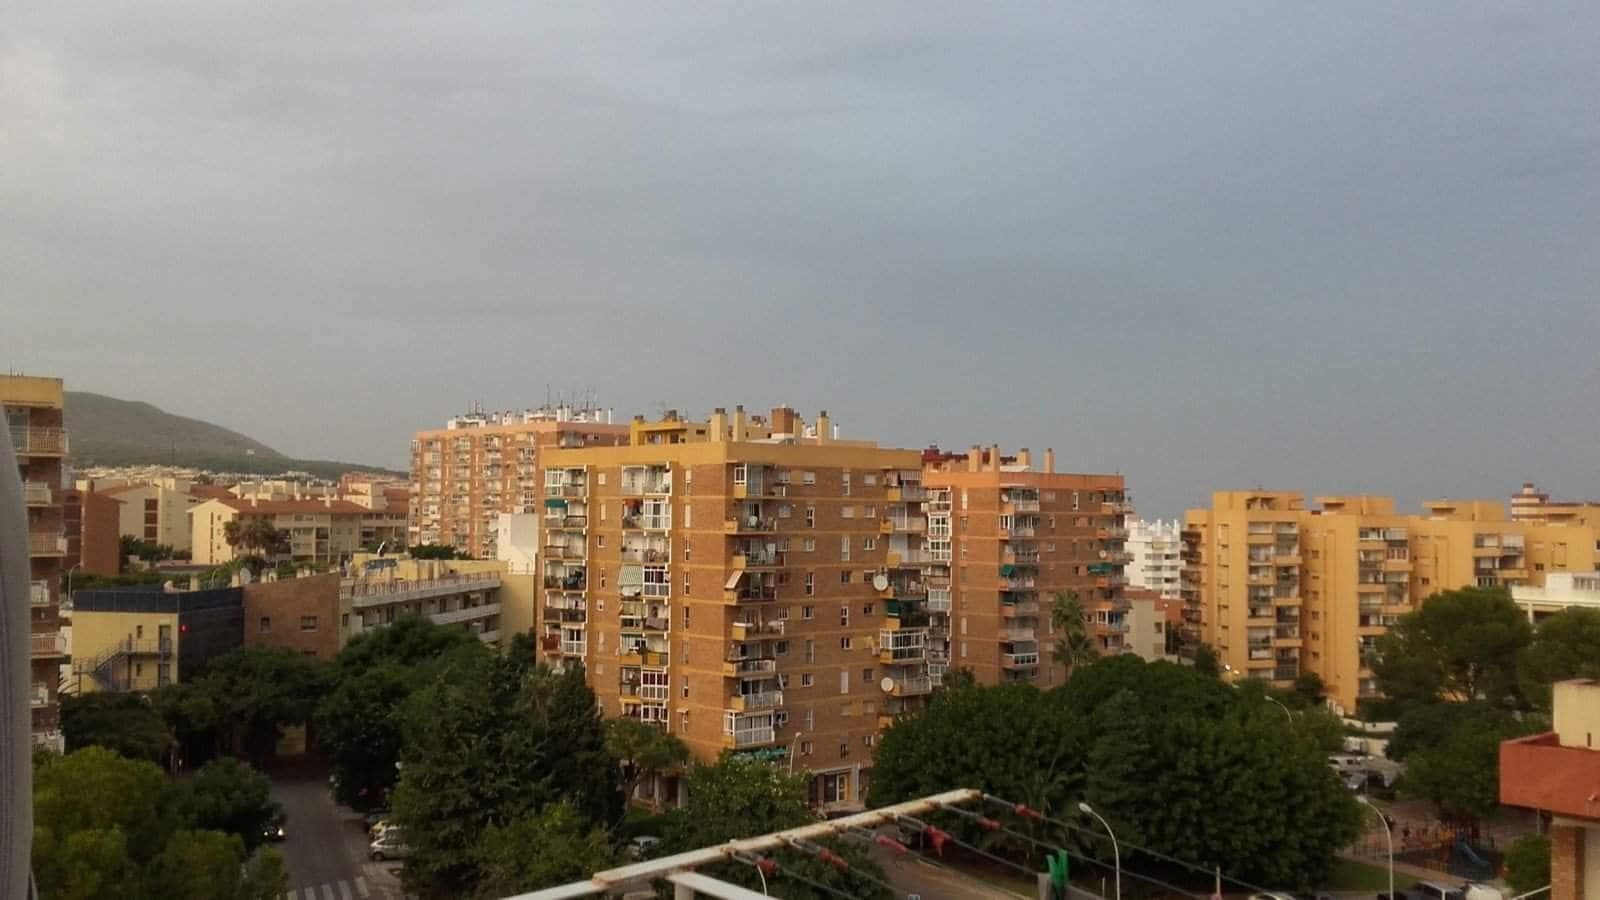 1 bedroom Apartment for sale in Benalmadena - € 93,500 (Ref: 3228019)